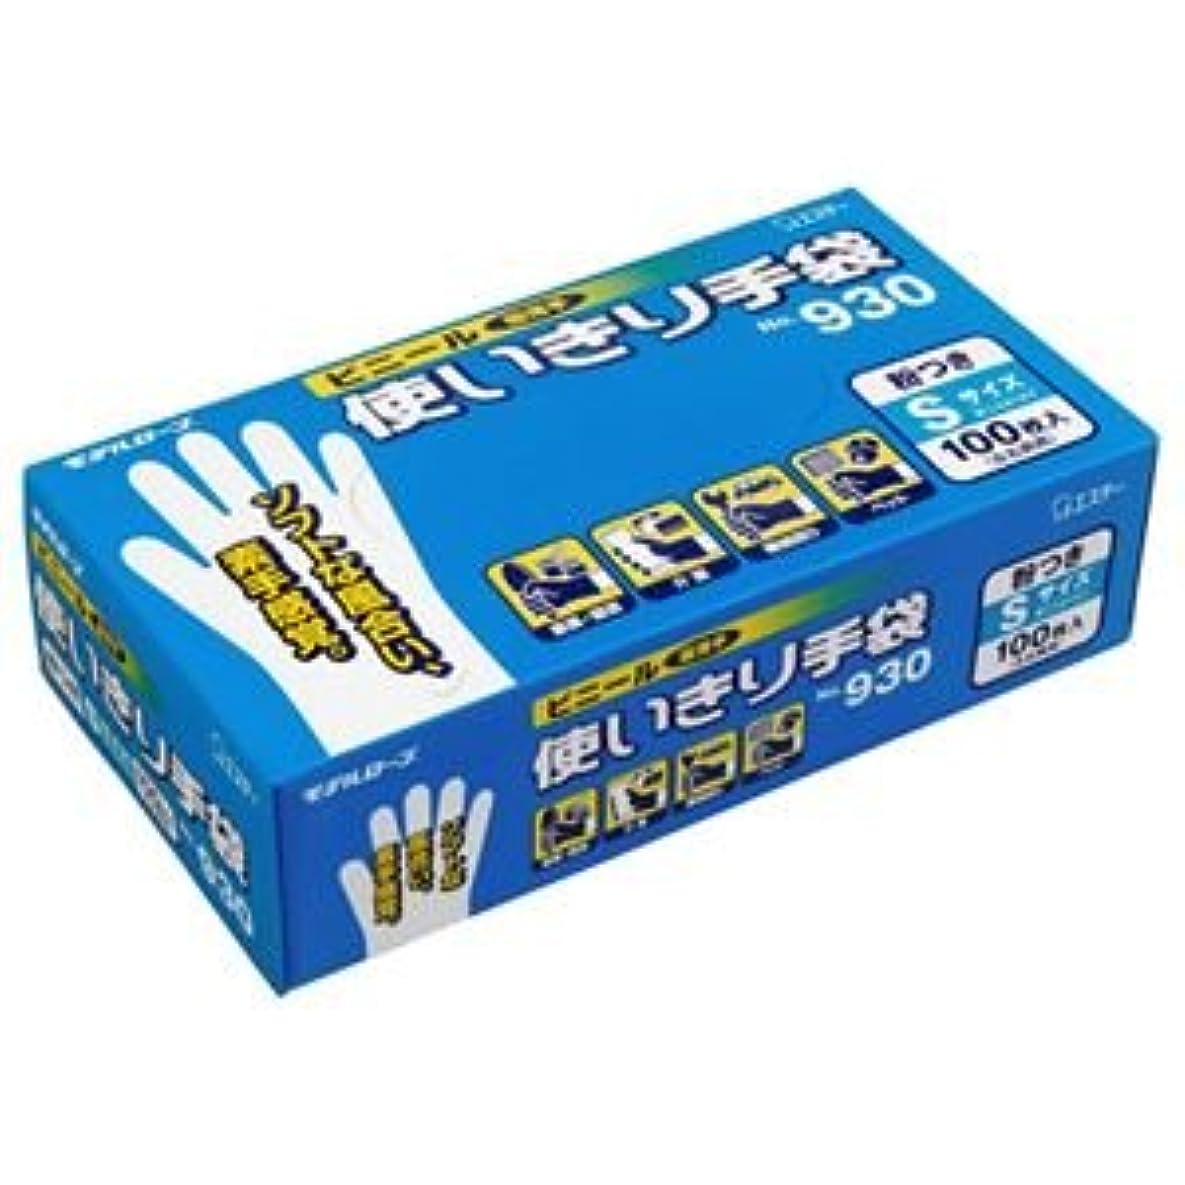 繁雑不一致ノート(まとめ) エステー No.930 ビニール使いきり手袋(粉付) S 1箱(100枚) 【×5セット